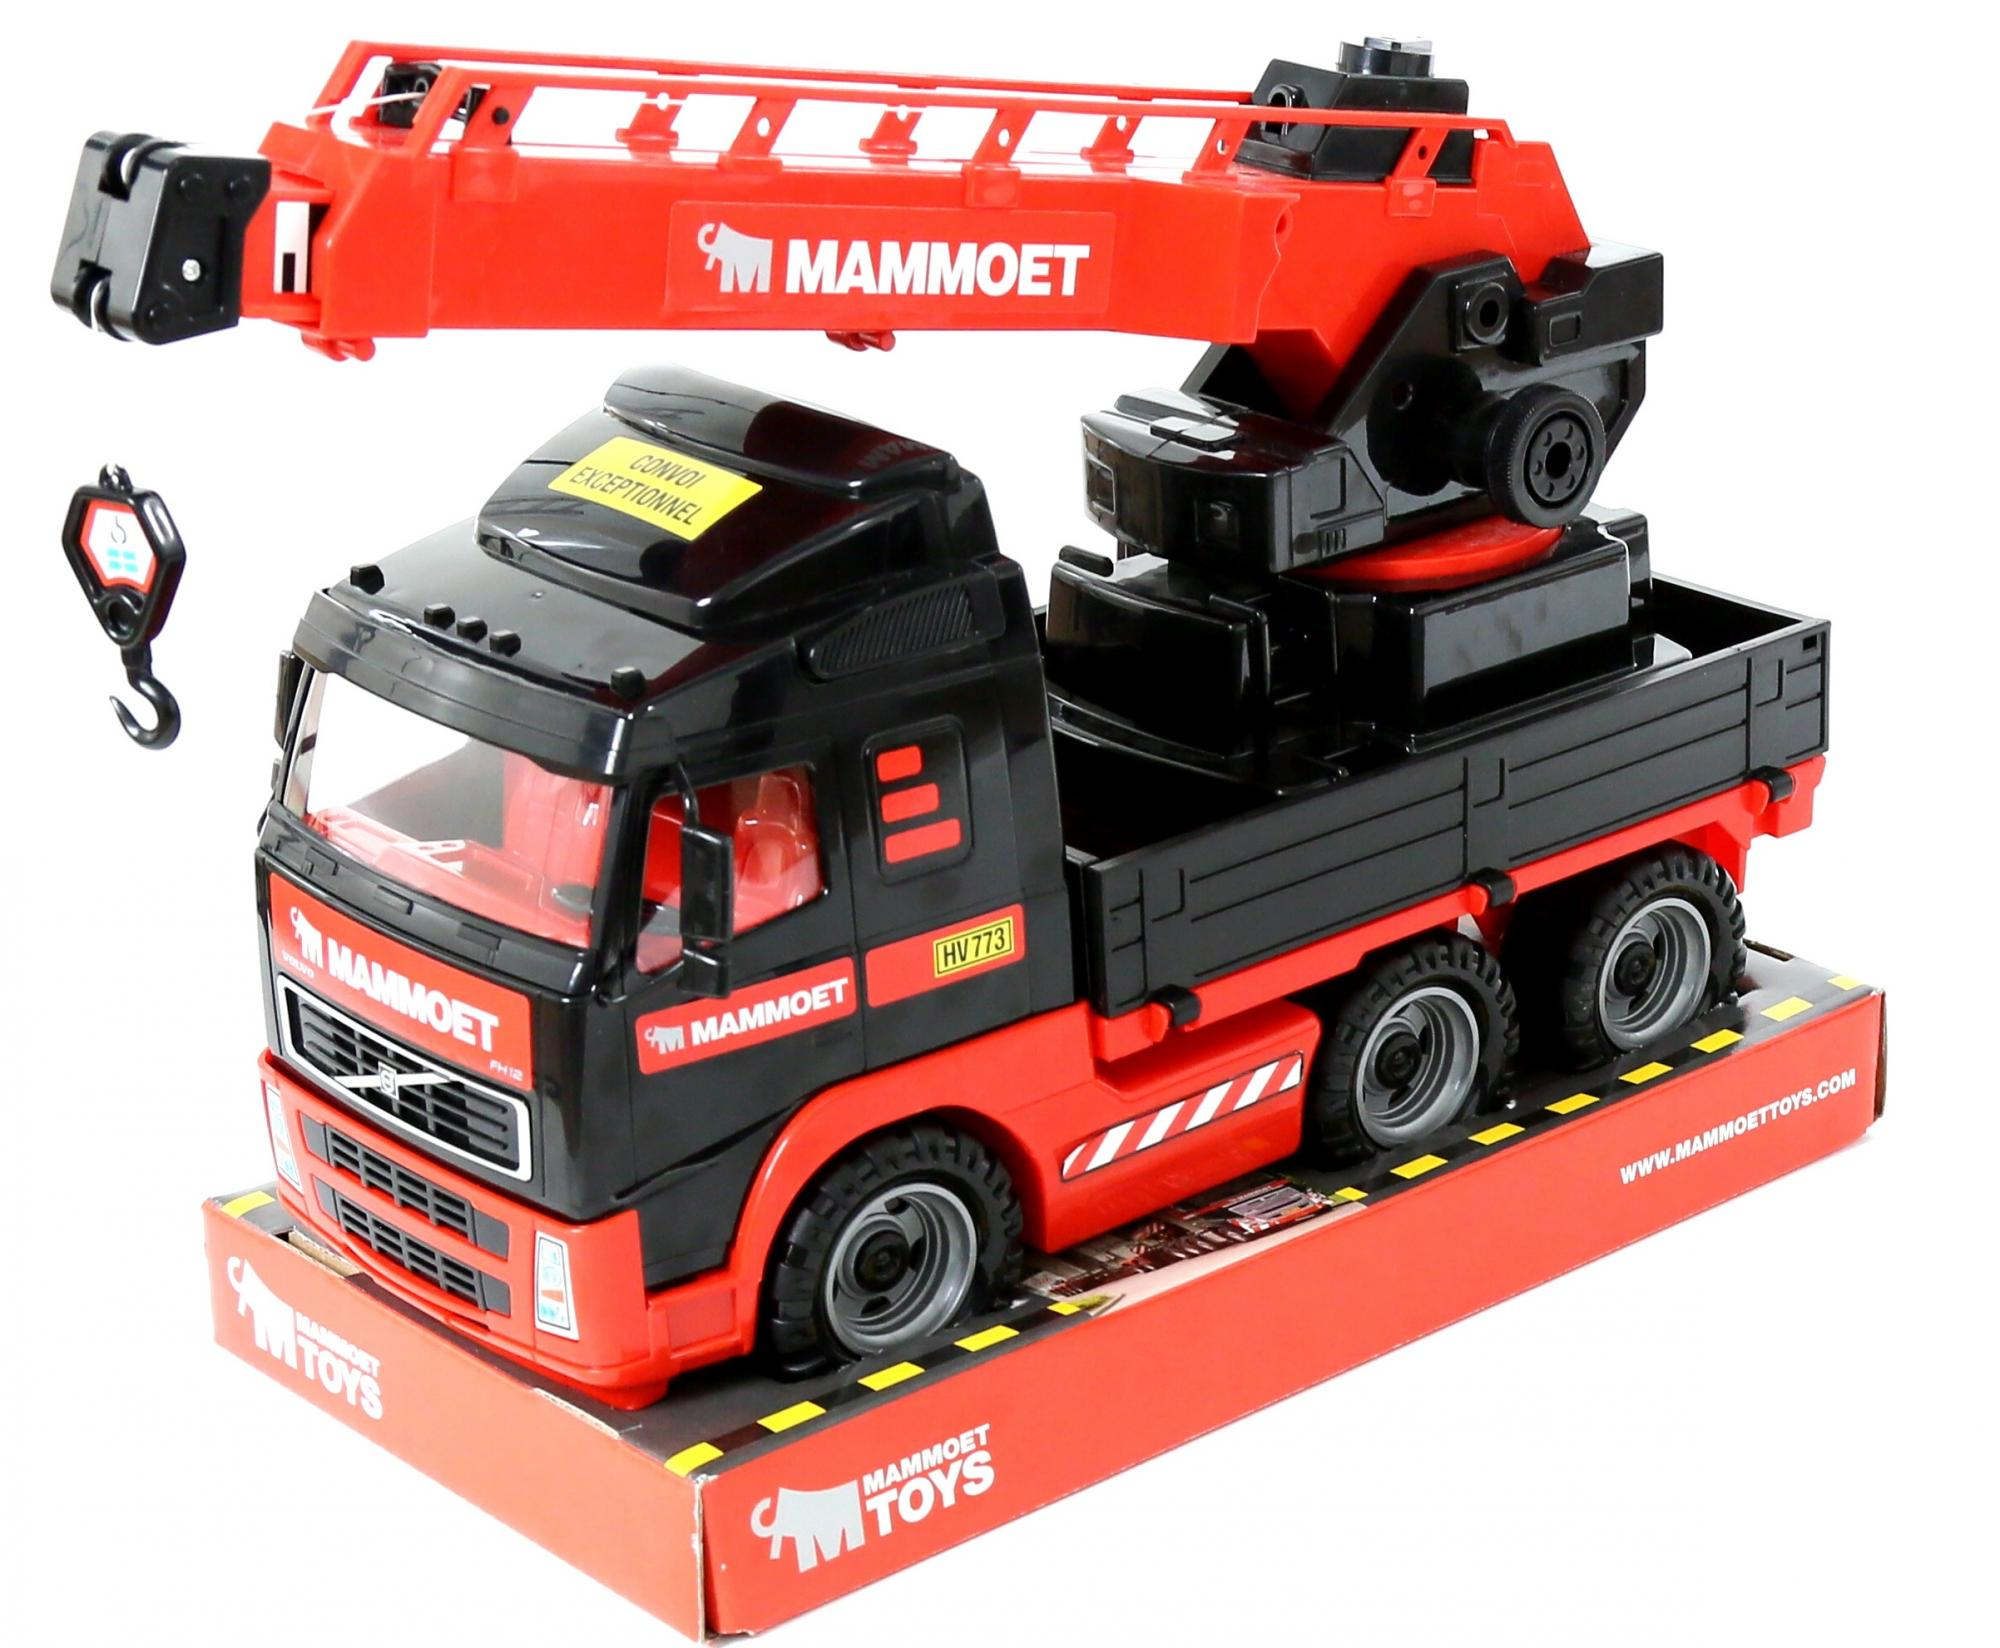 Купить Автомобиль-кран Mammoet Volvo 203-03, с поворотной платформой, Полесье